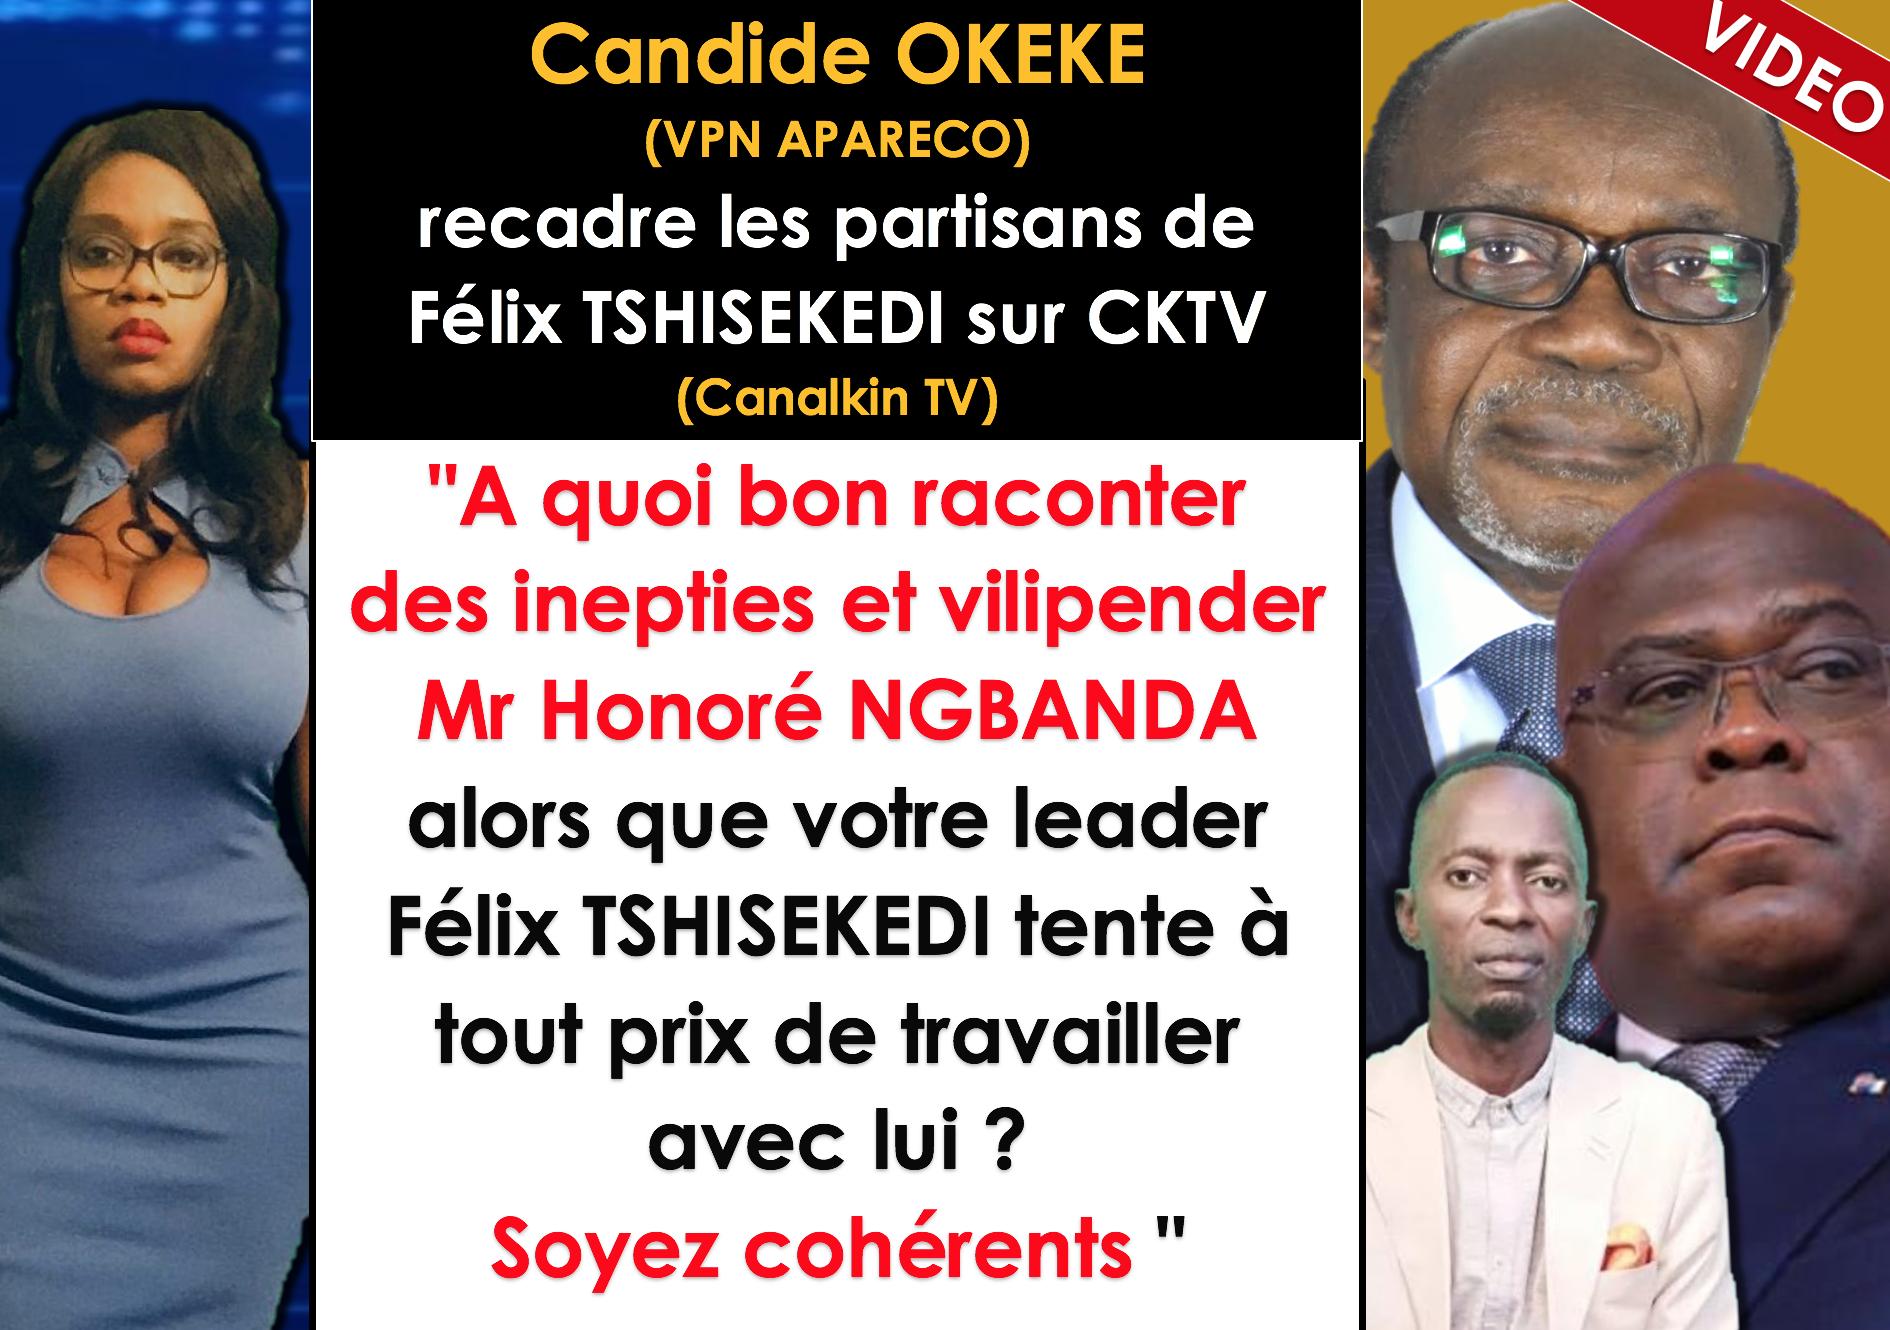 VIDEO/ Candide OKEKE (VPN APARECO) recadre les partisans de Félix TSHISEKEDI sur CKTV (Canalkin TV)